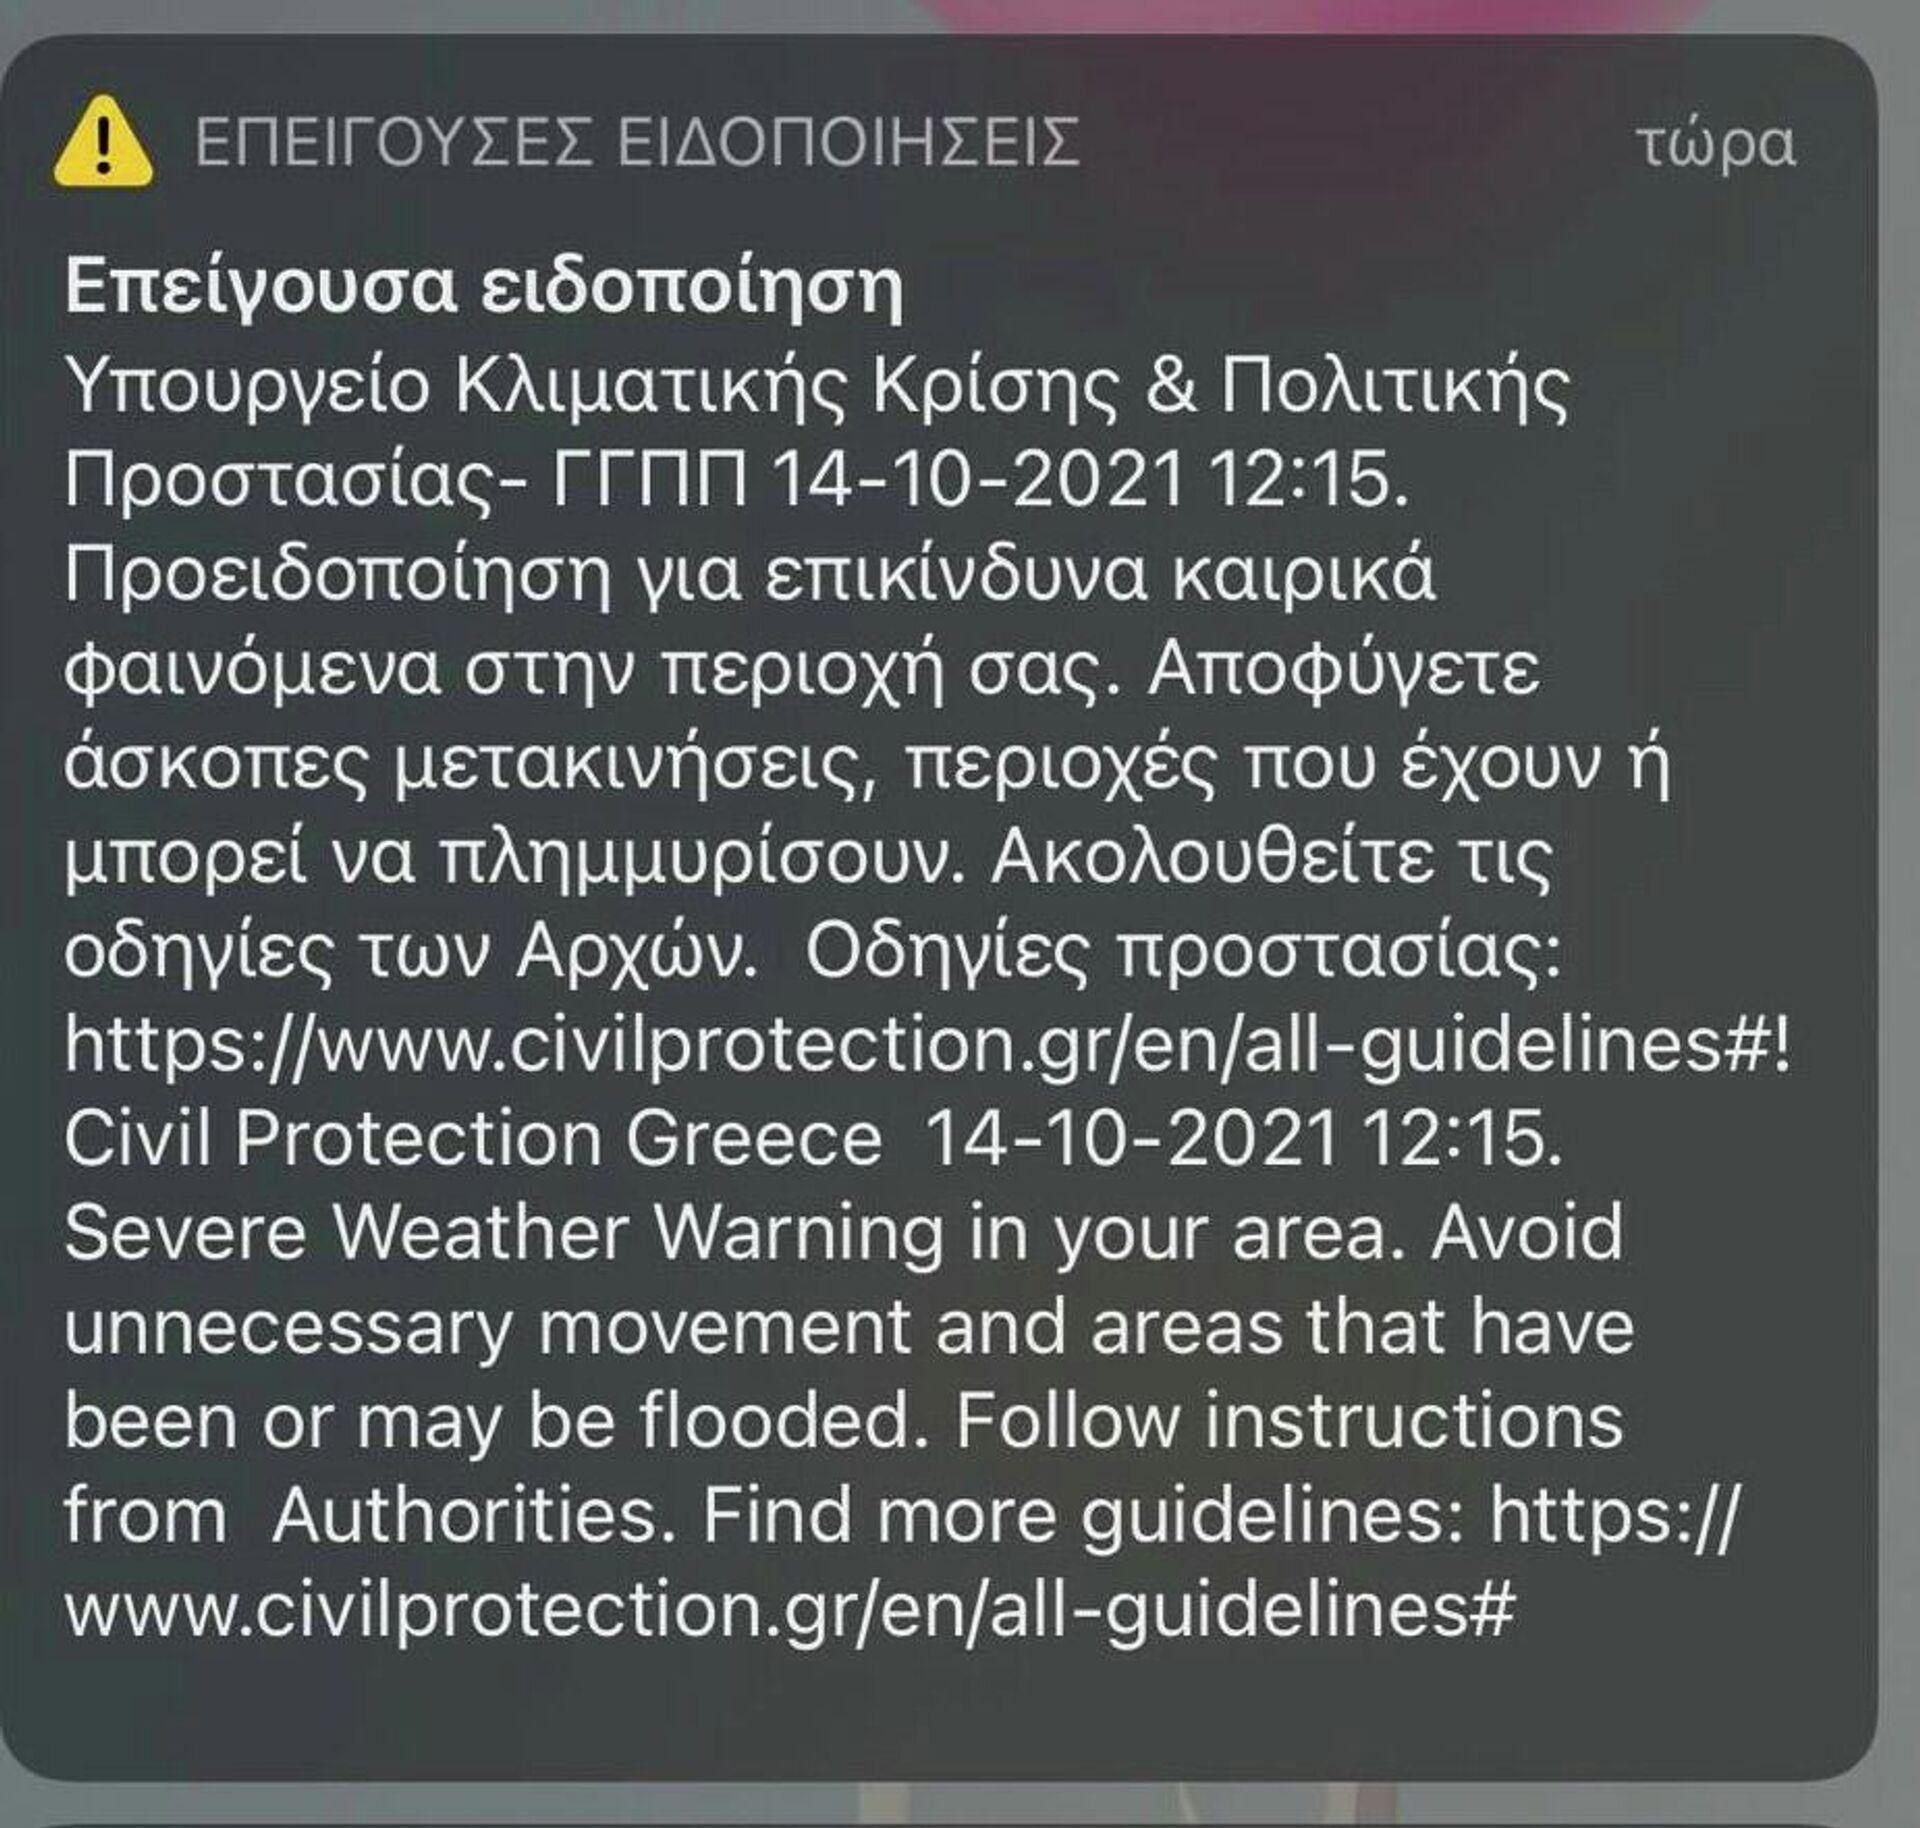 Μήνυμα του 112 στους κατοίκους της Αττικής - Sputnik Ελλάδα, 1920, 14.10.2021